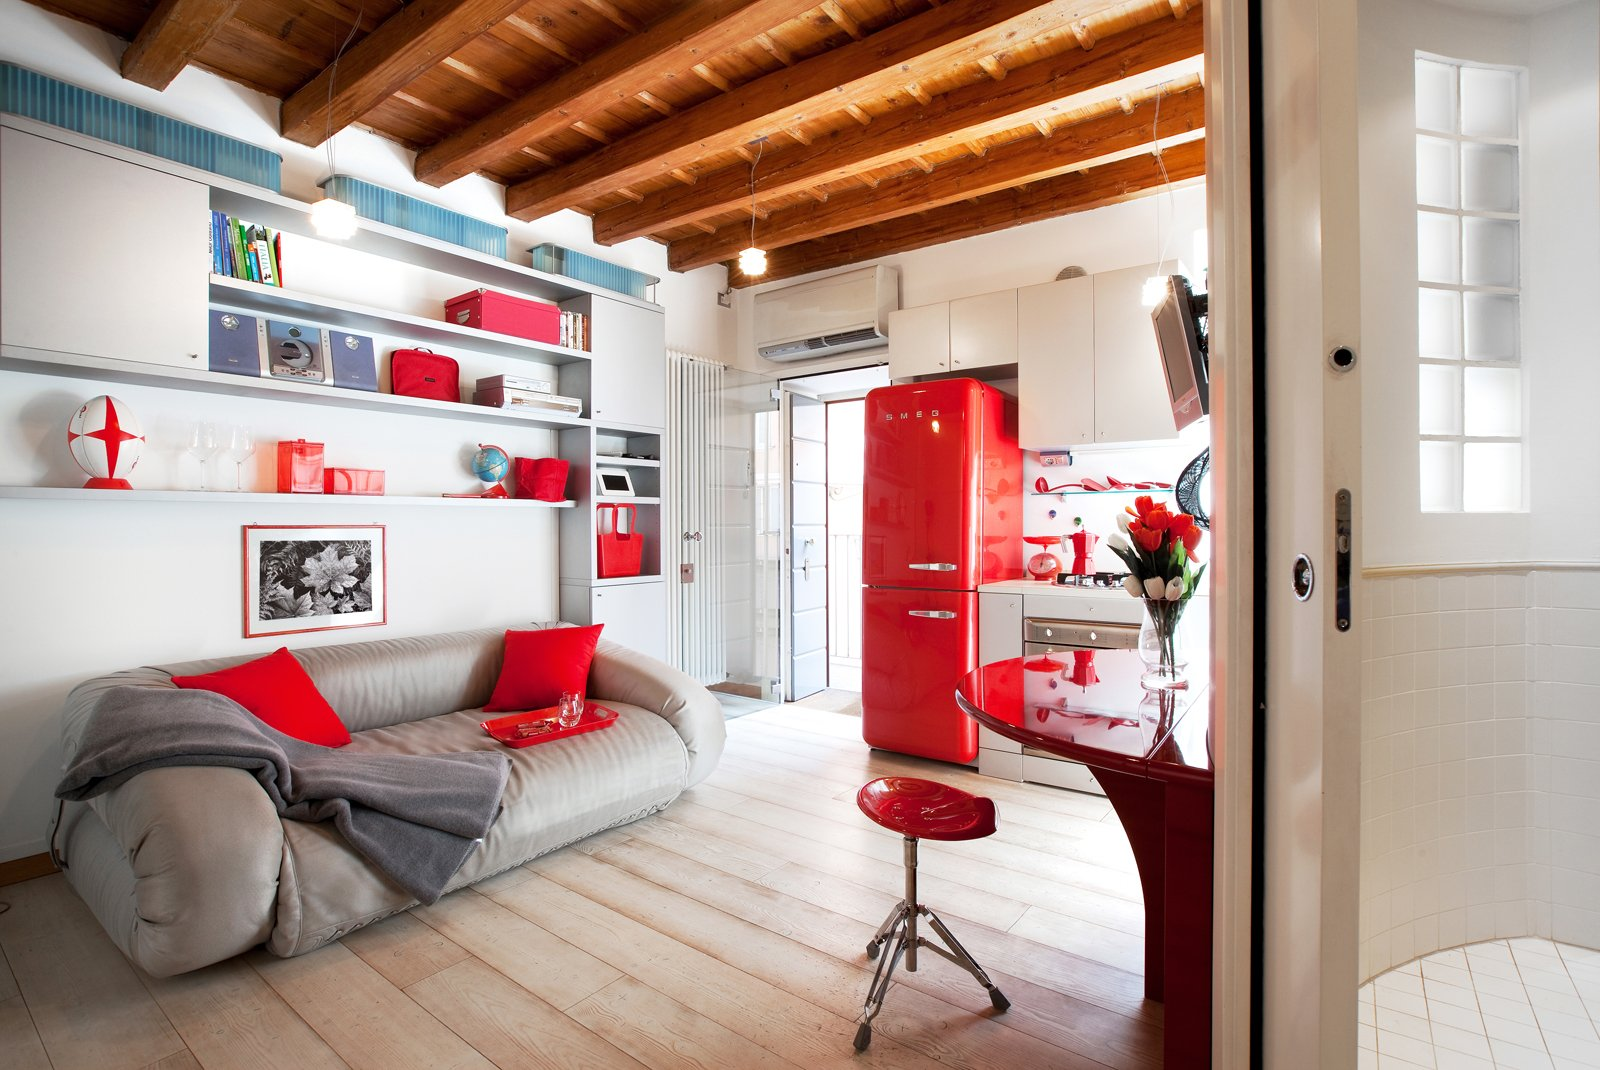 Monolocale di 25 mq con soluzioni salvaspazio cose di casa for Negozio di metallo con appartamento